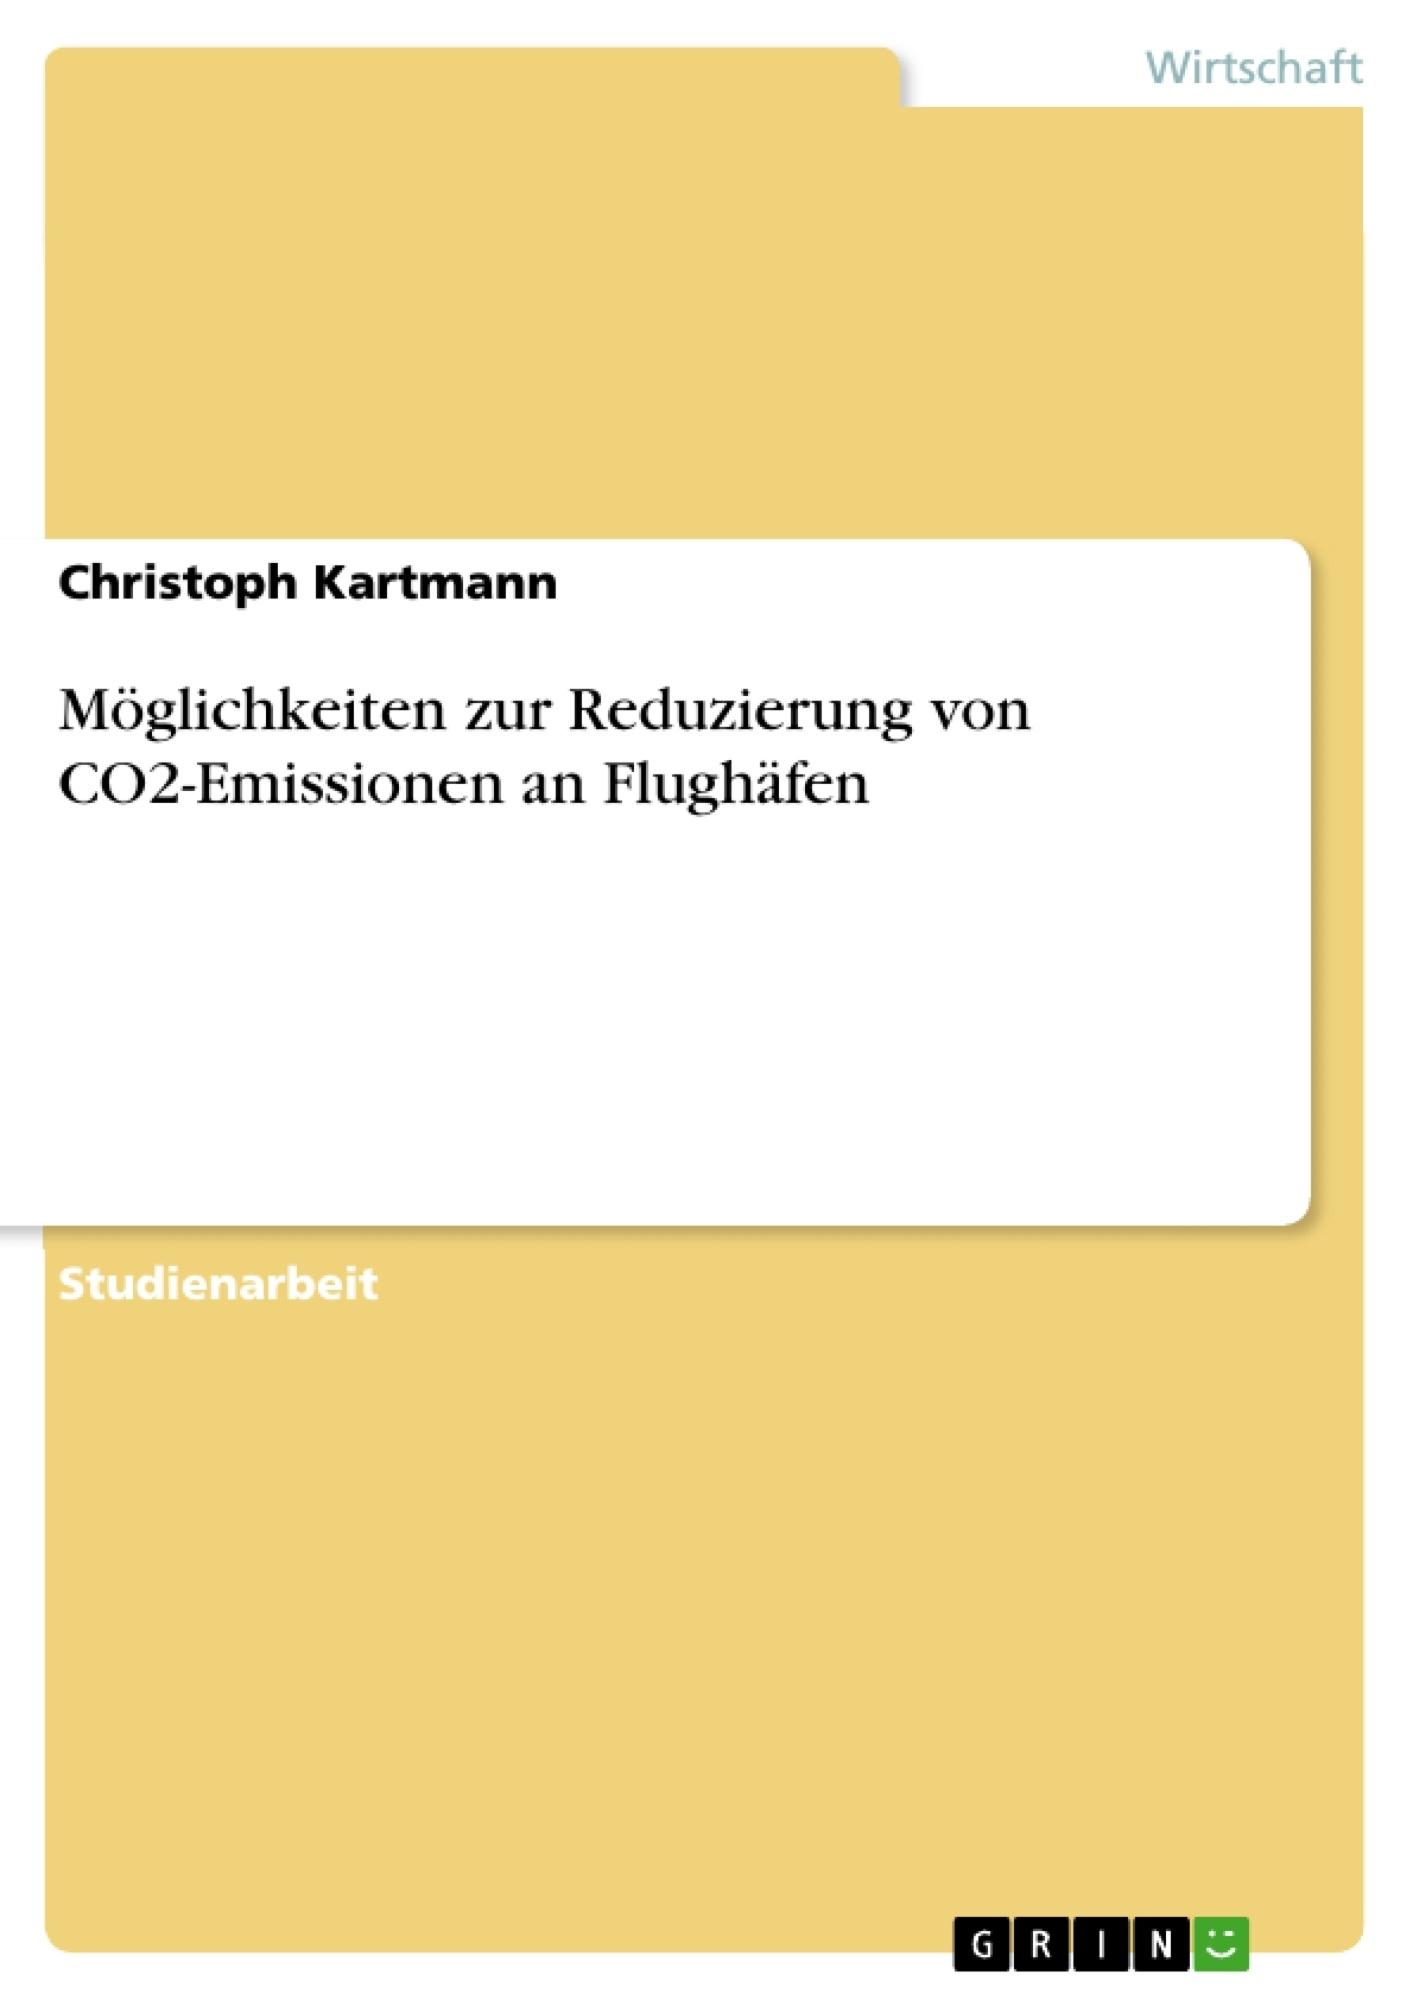 Titel: Möglichkeiten zur Reduzierung von CO2-Emissionen an Flughäfen